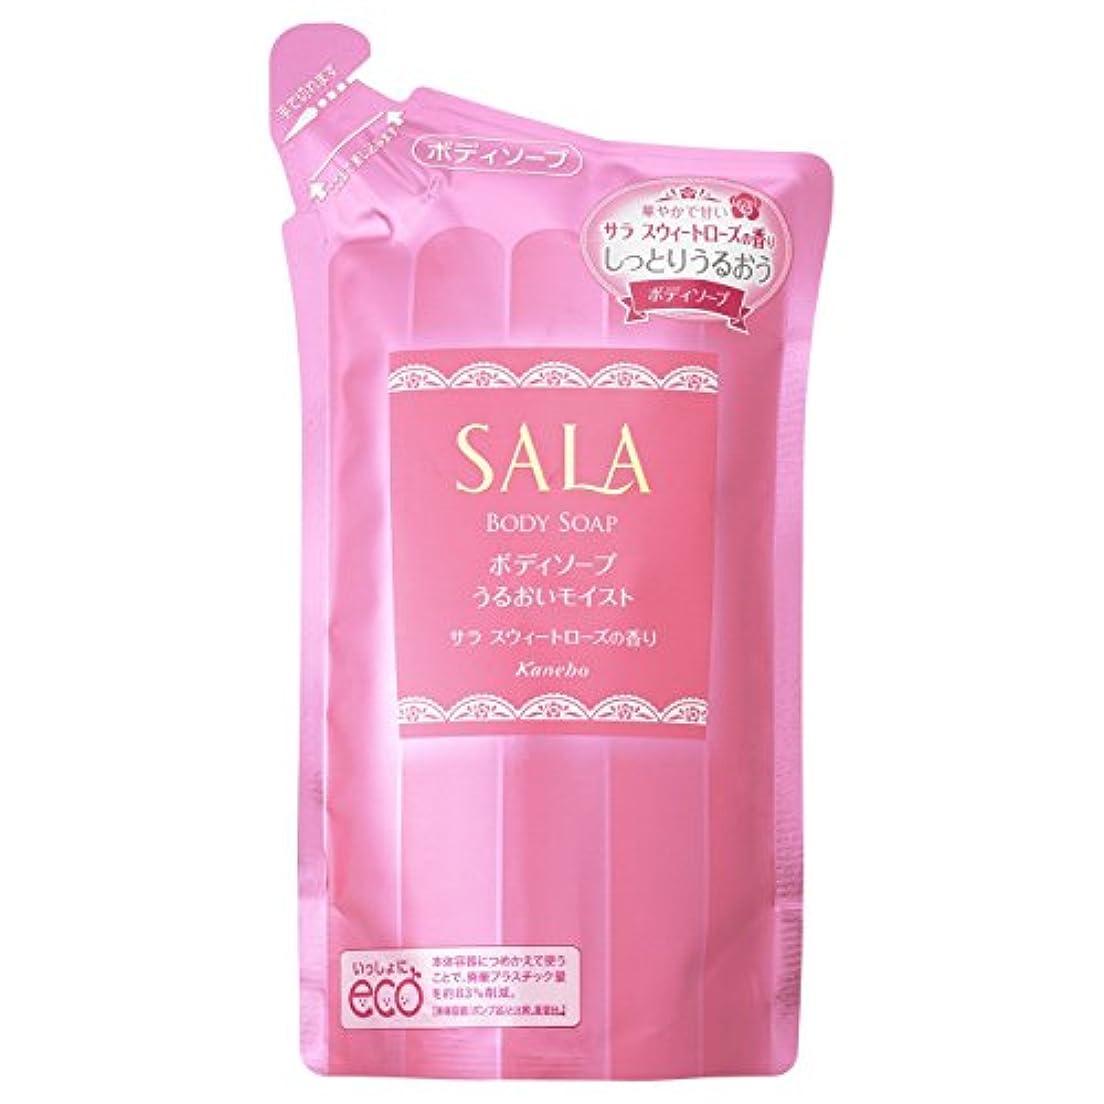 沼地人気の呼ぶサラ ボディソープ うるおいモイスト つめかえ用 サラスウィートローズの香り